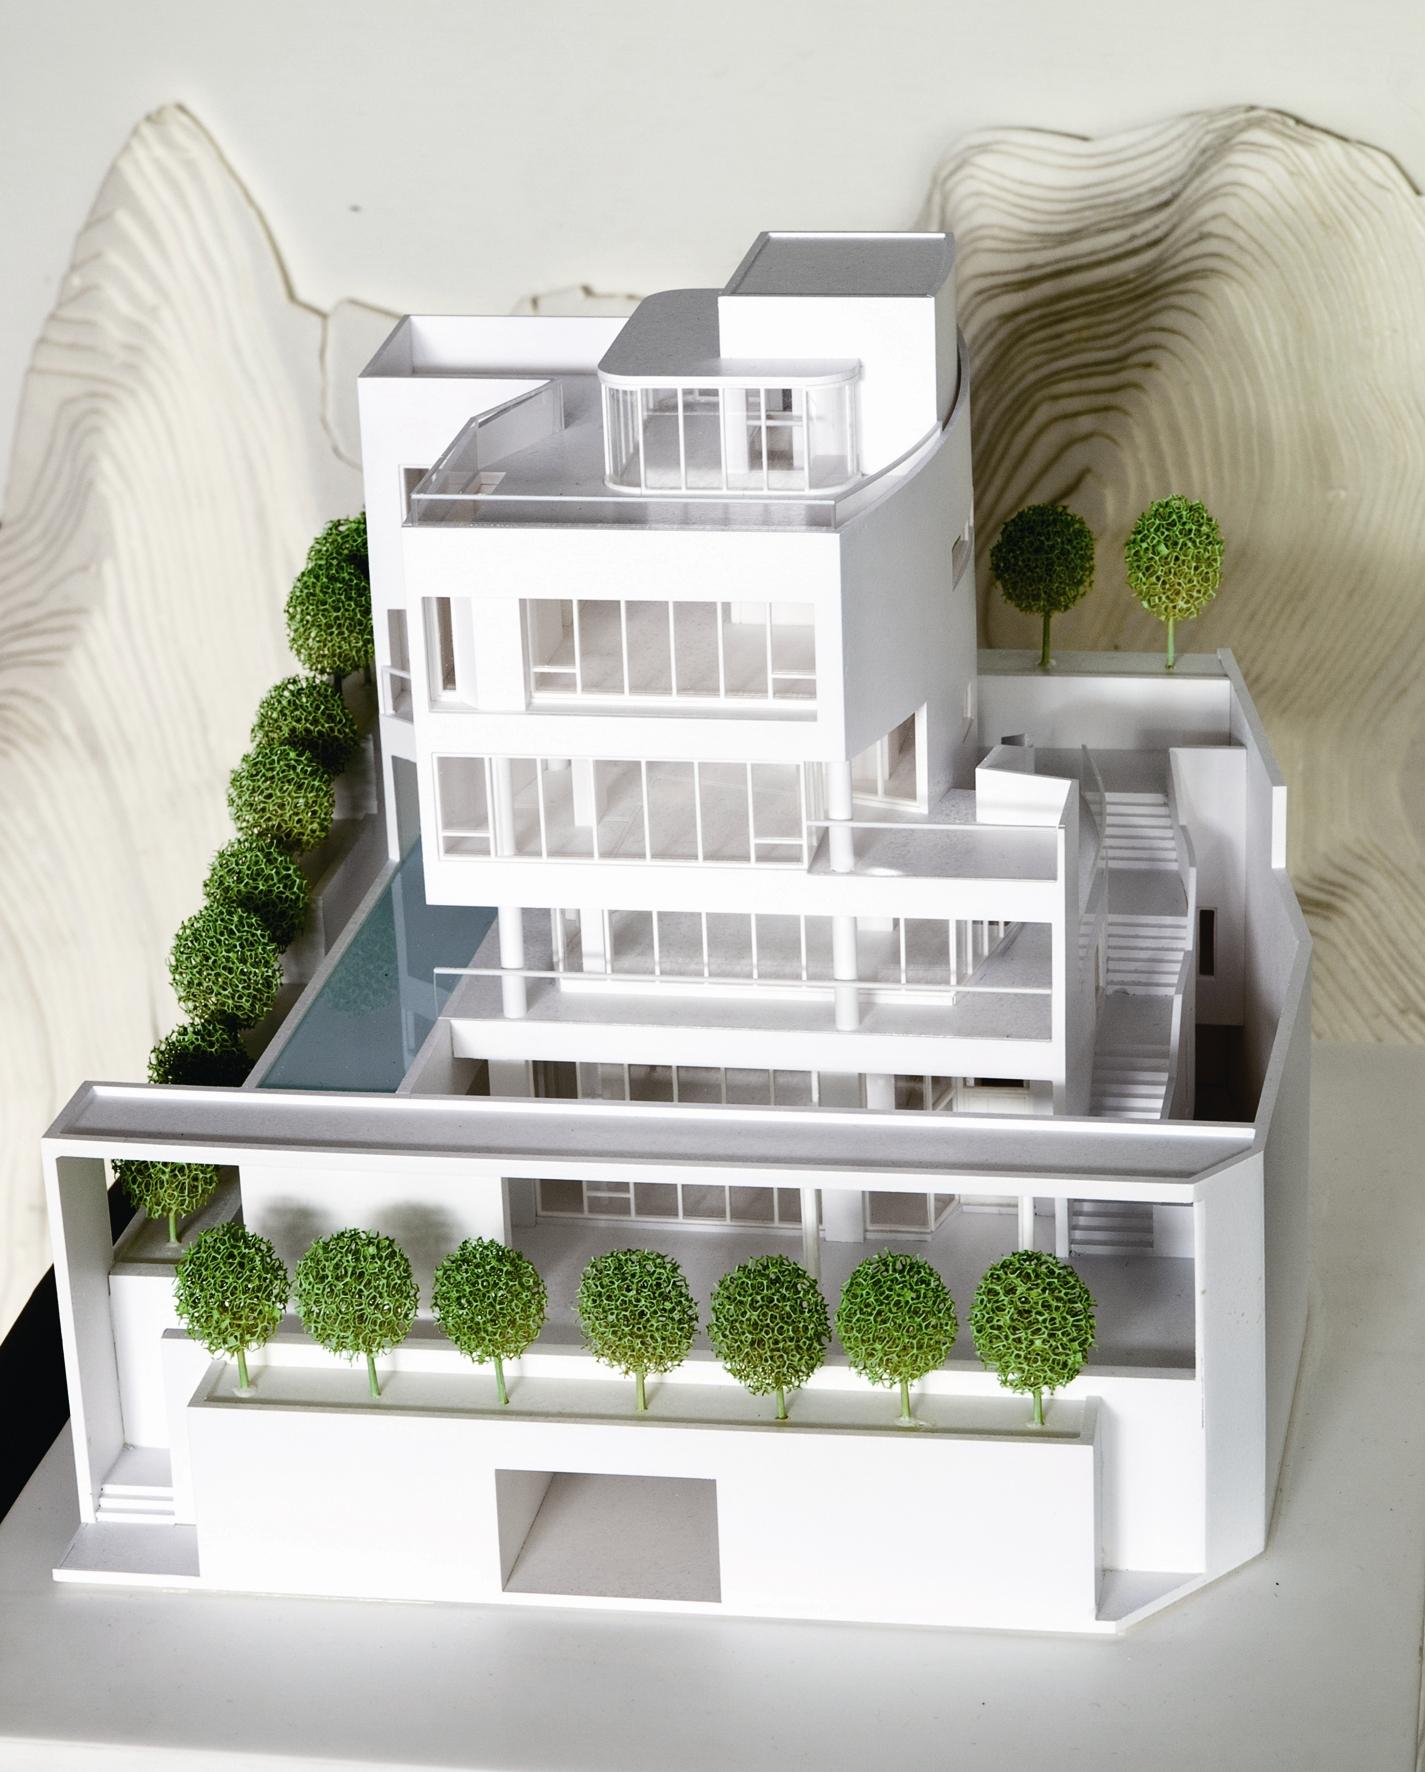 位於天母的「玖住章」別墅建案,整個空間和動線設計簡單中又